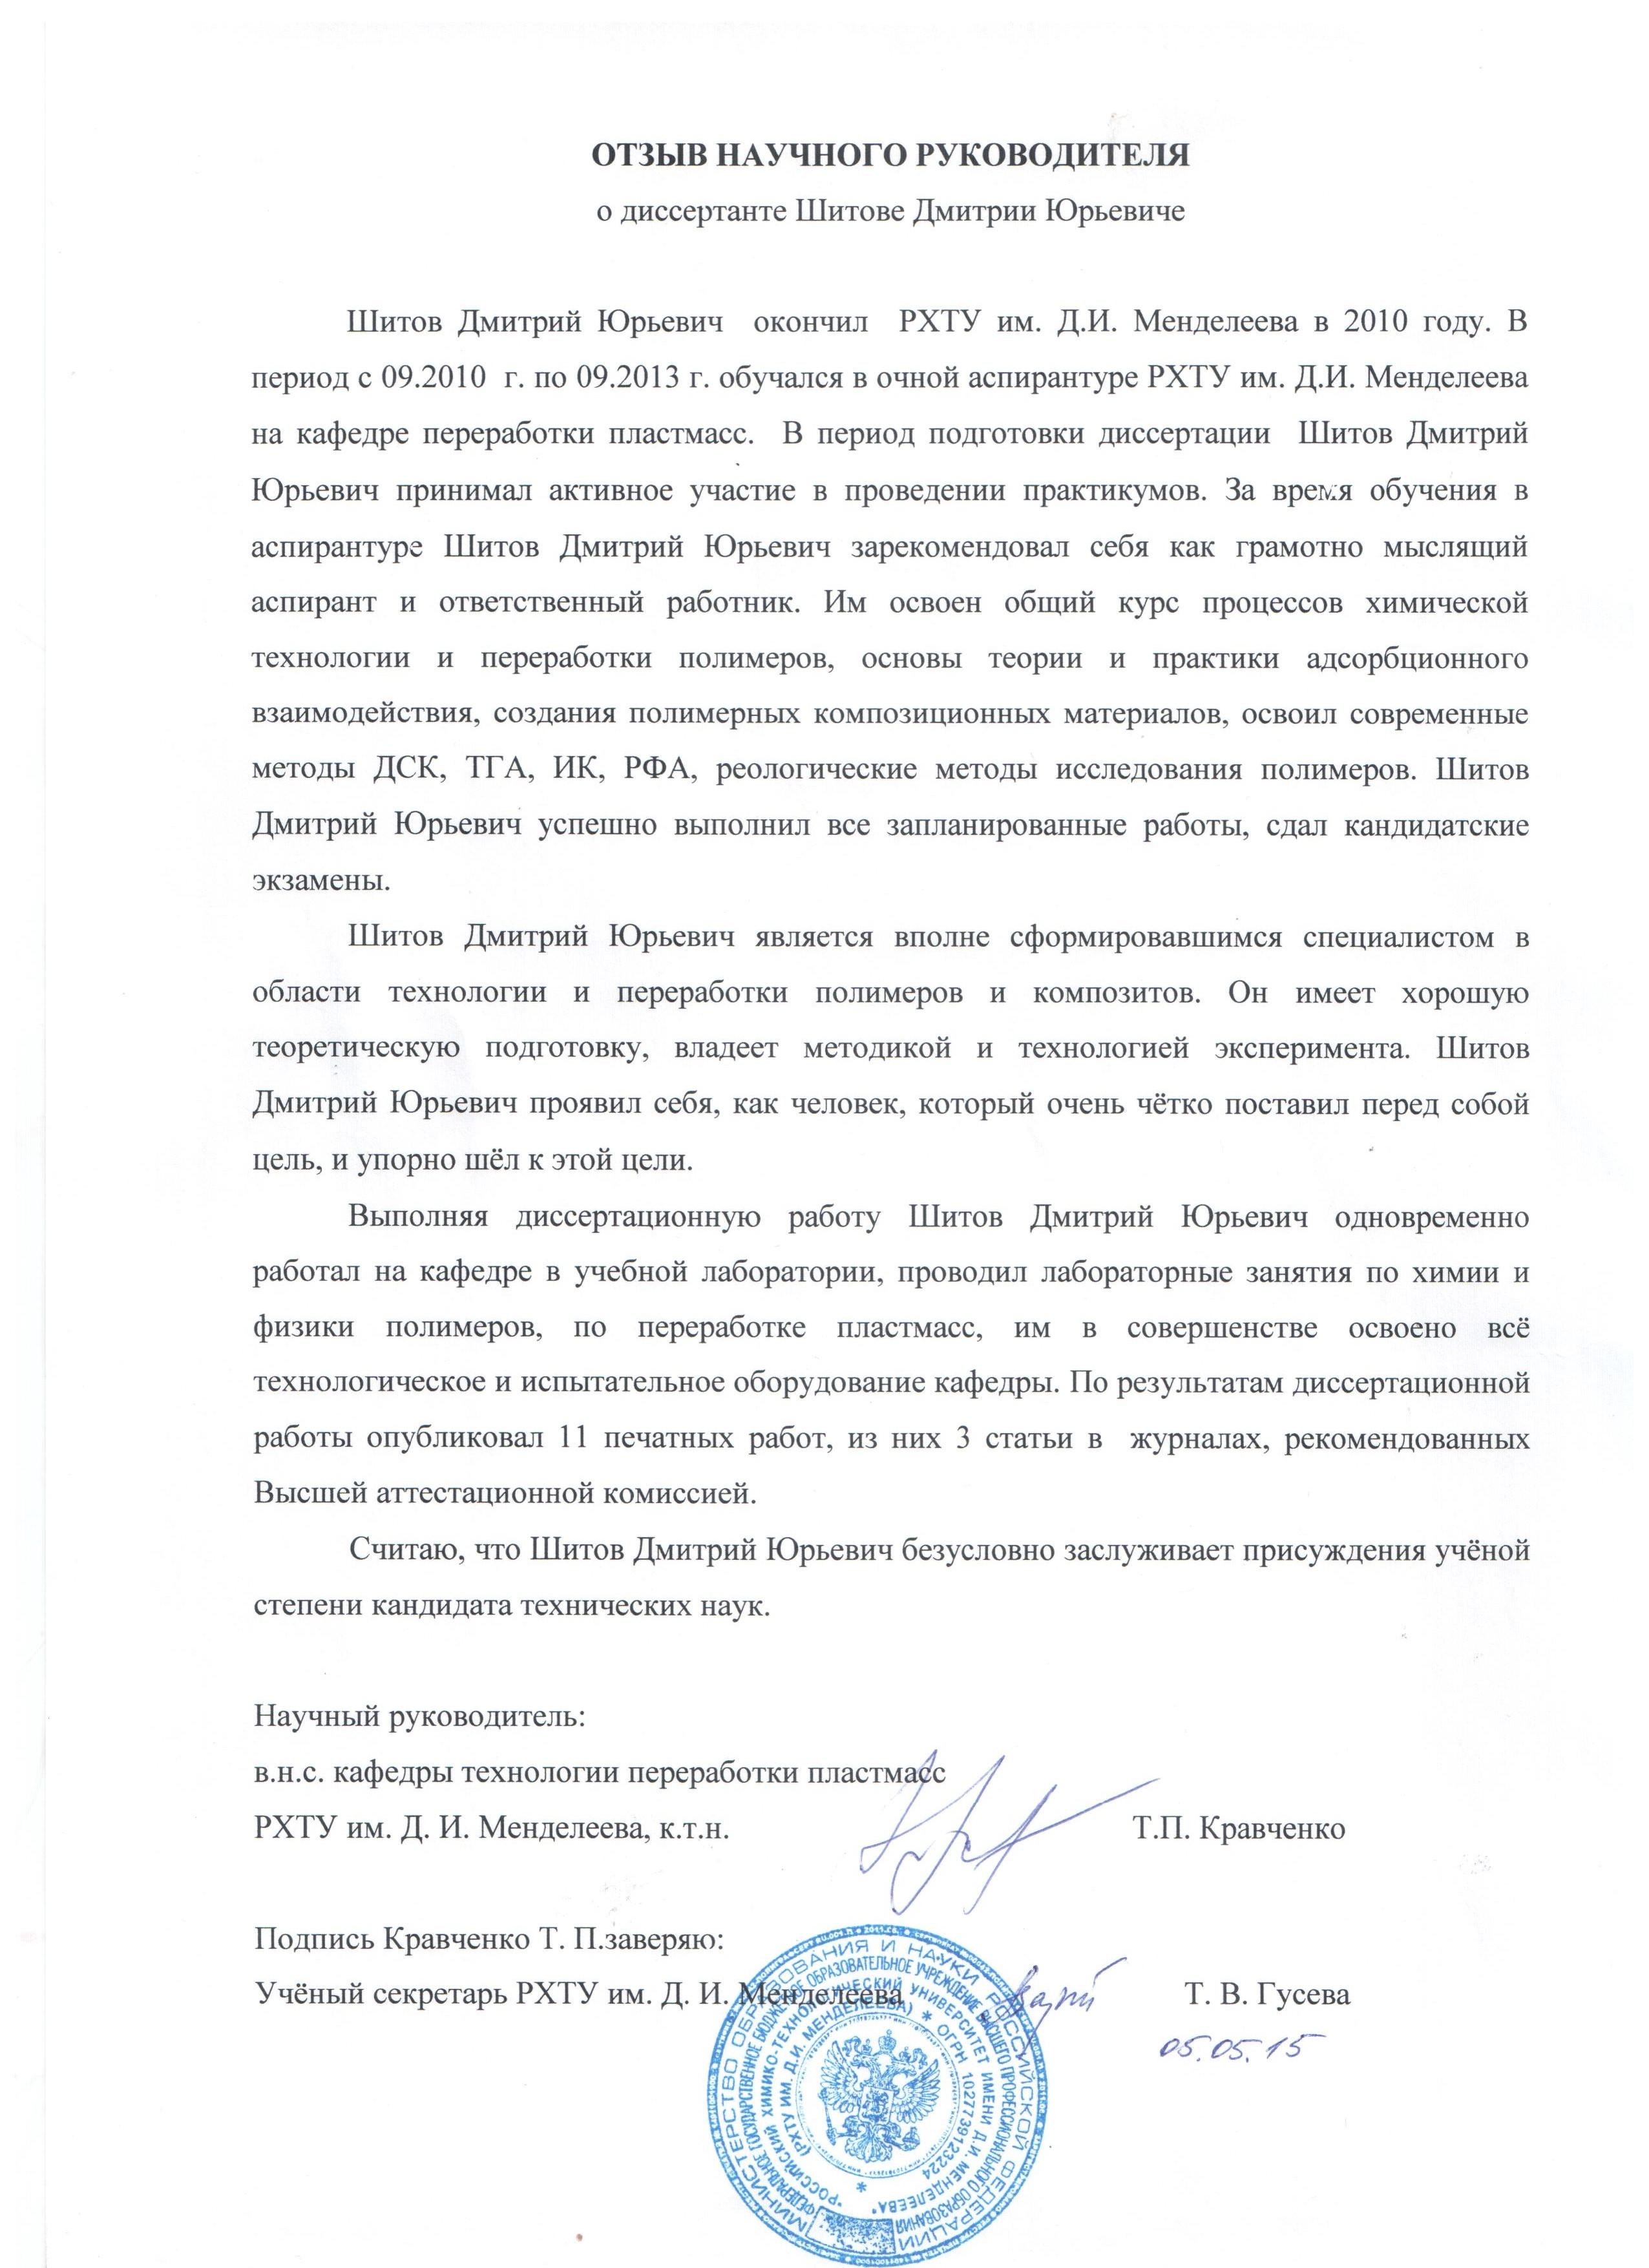 Диссертации РХТУ им Д И Менделеева Отзыв научного руководителя